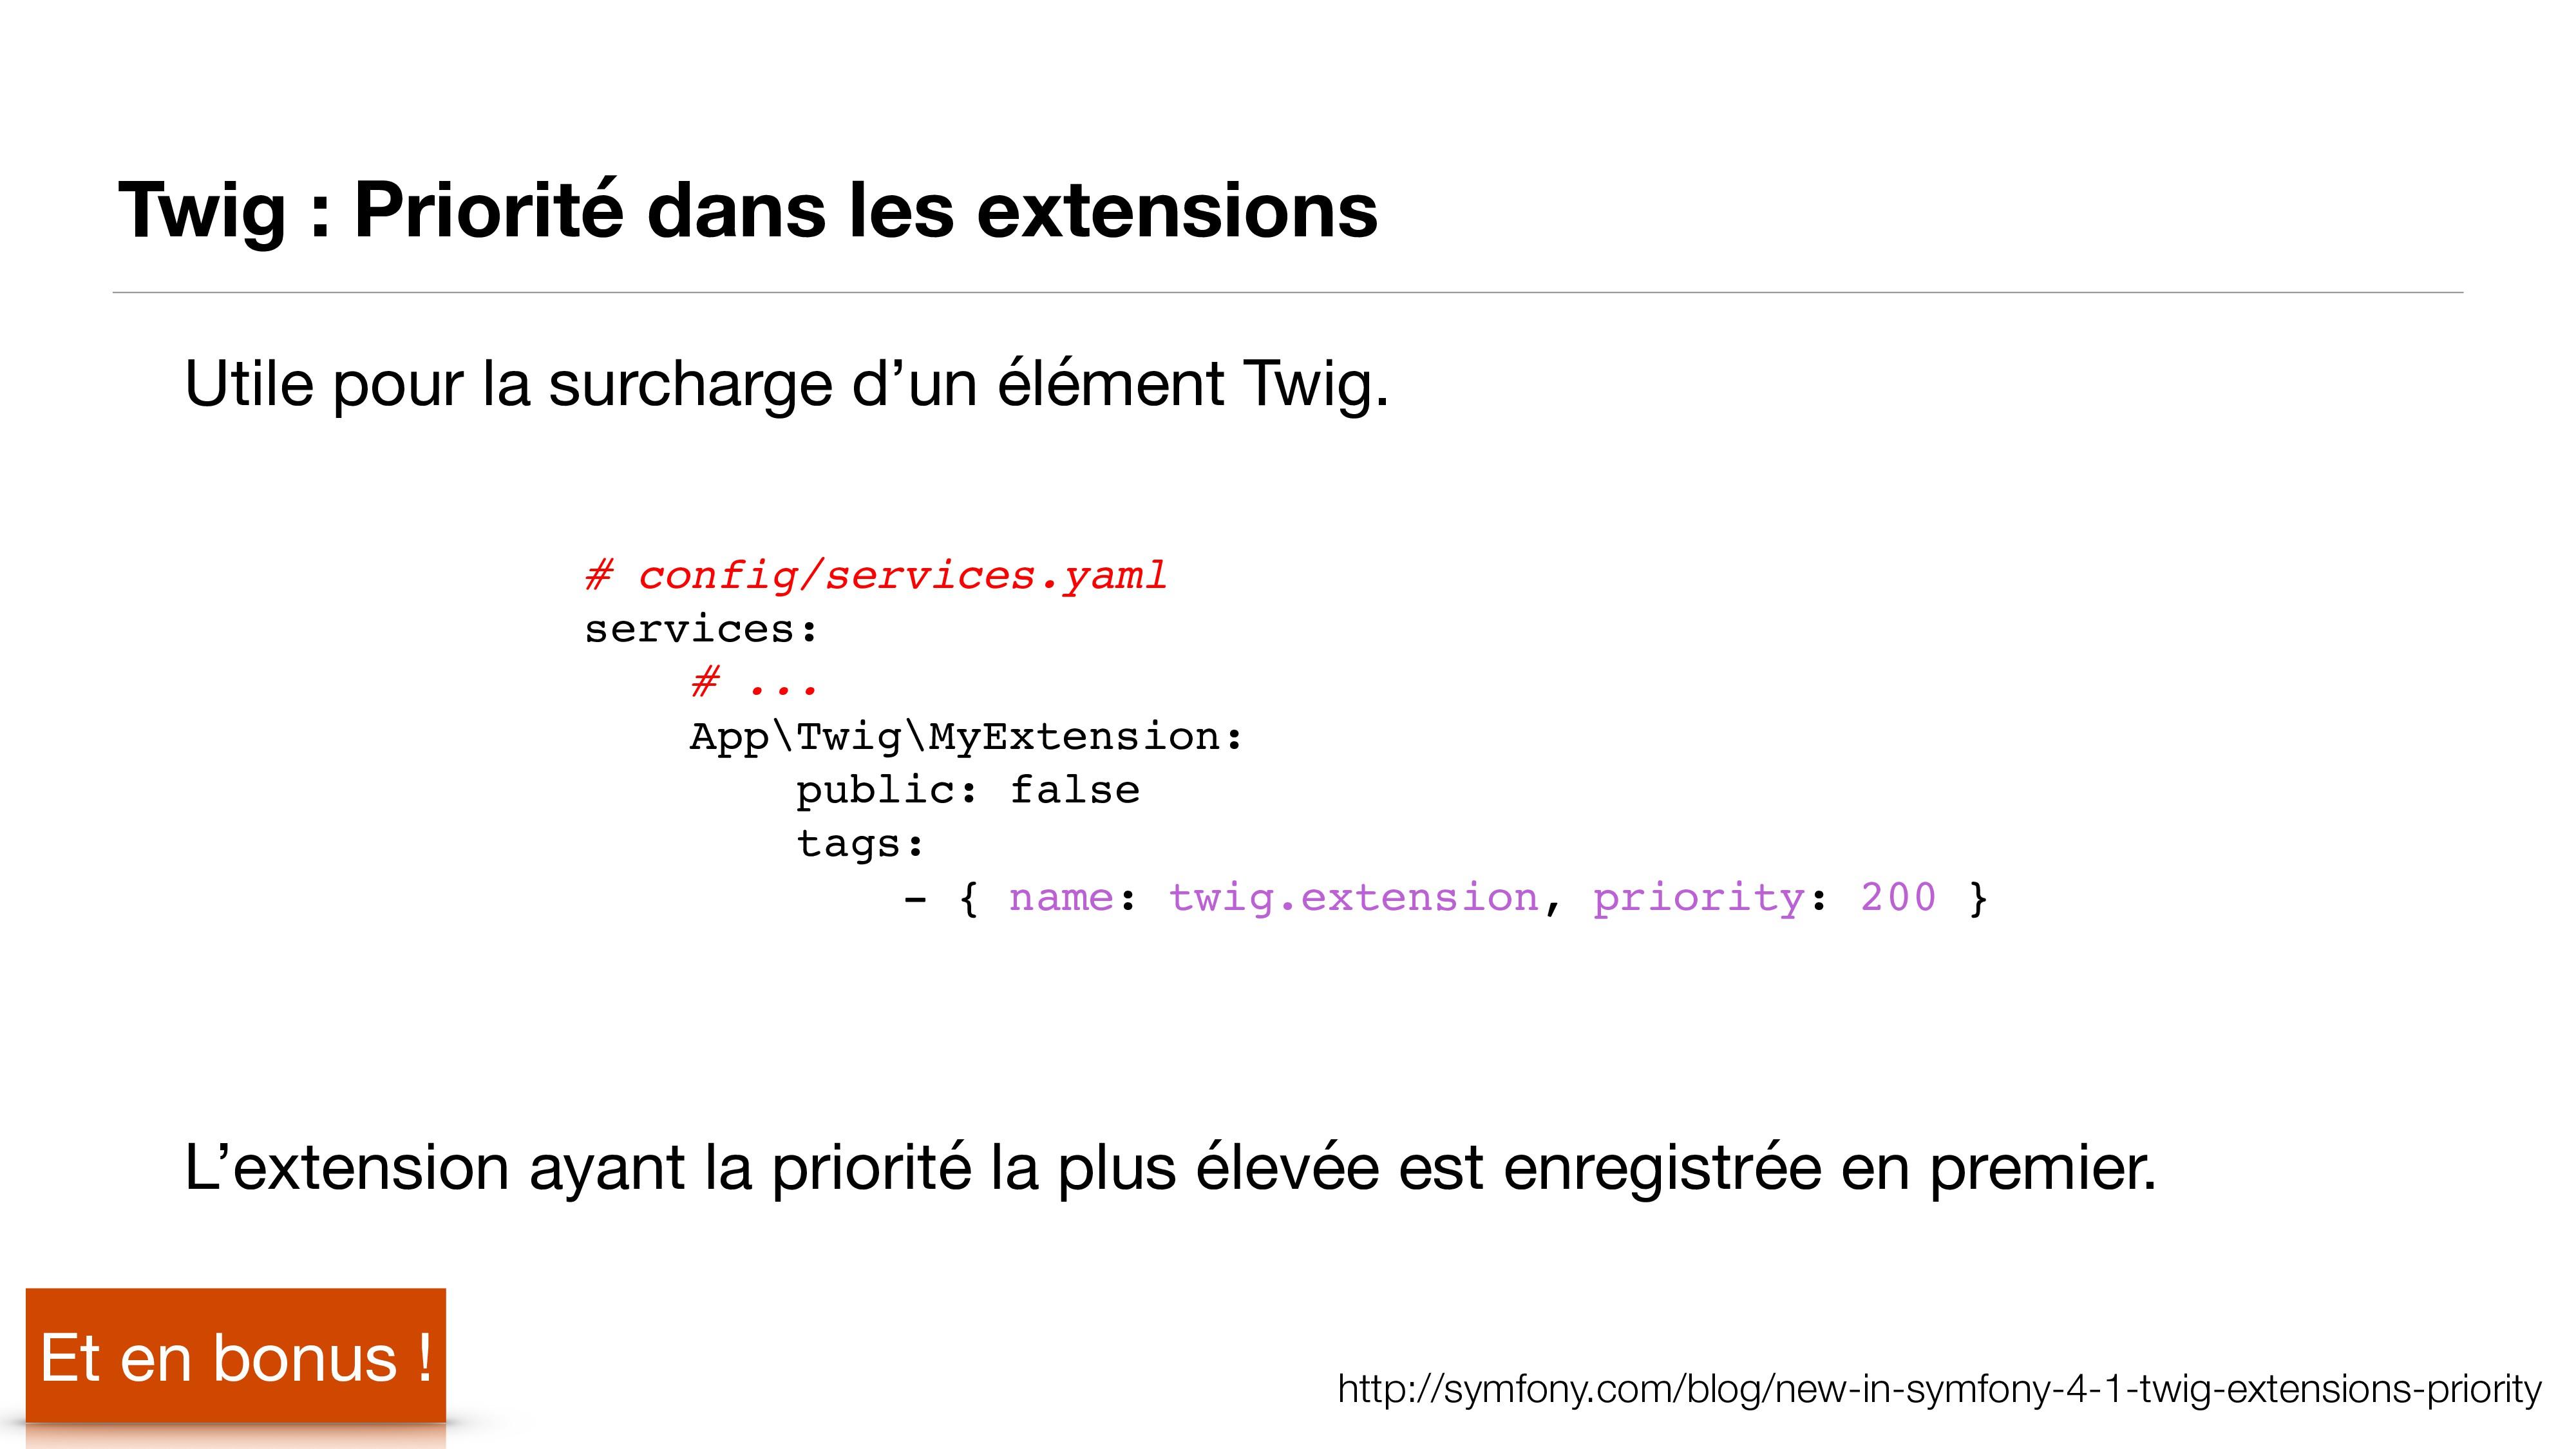 Twig : Priorité dans les extensions http://symf...